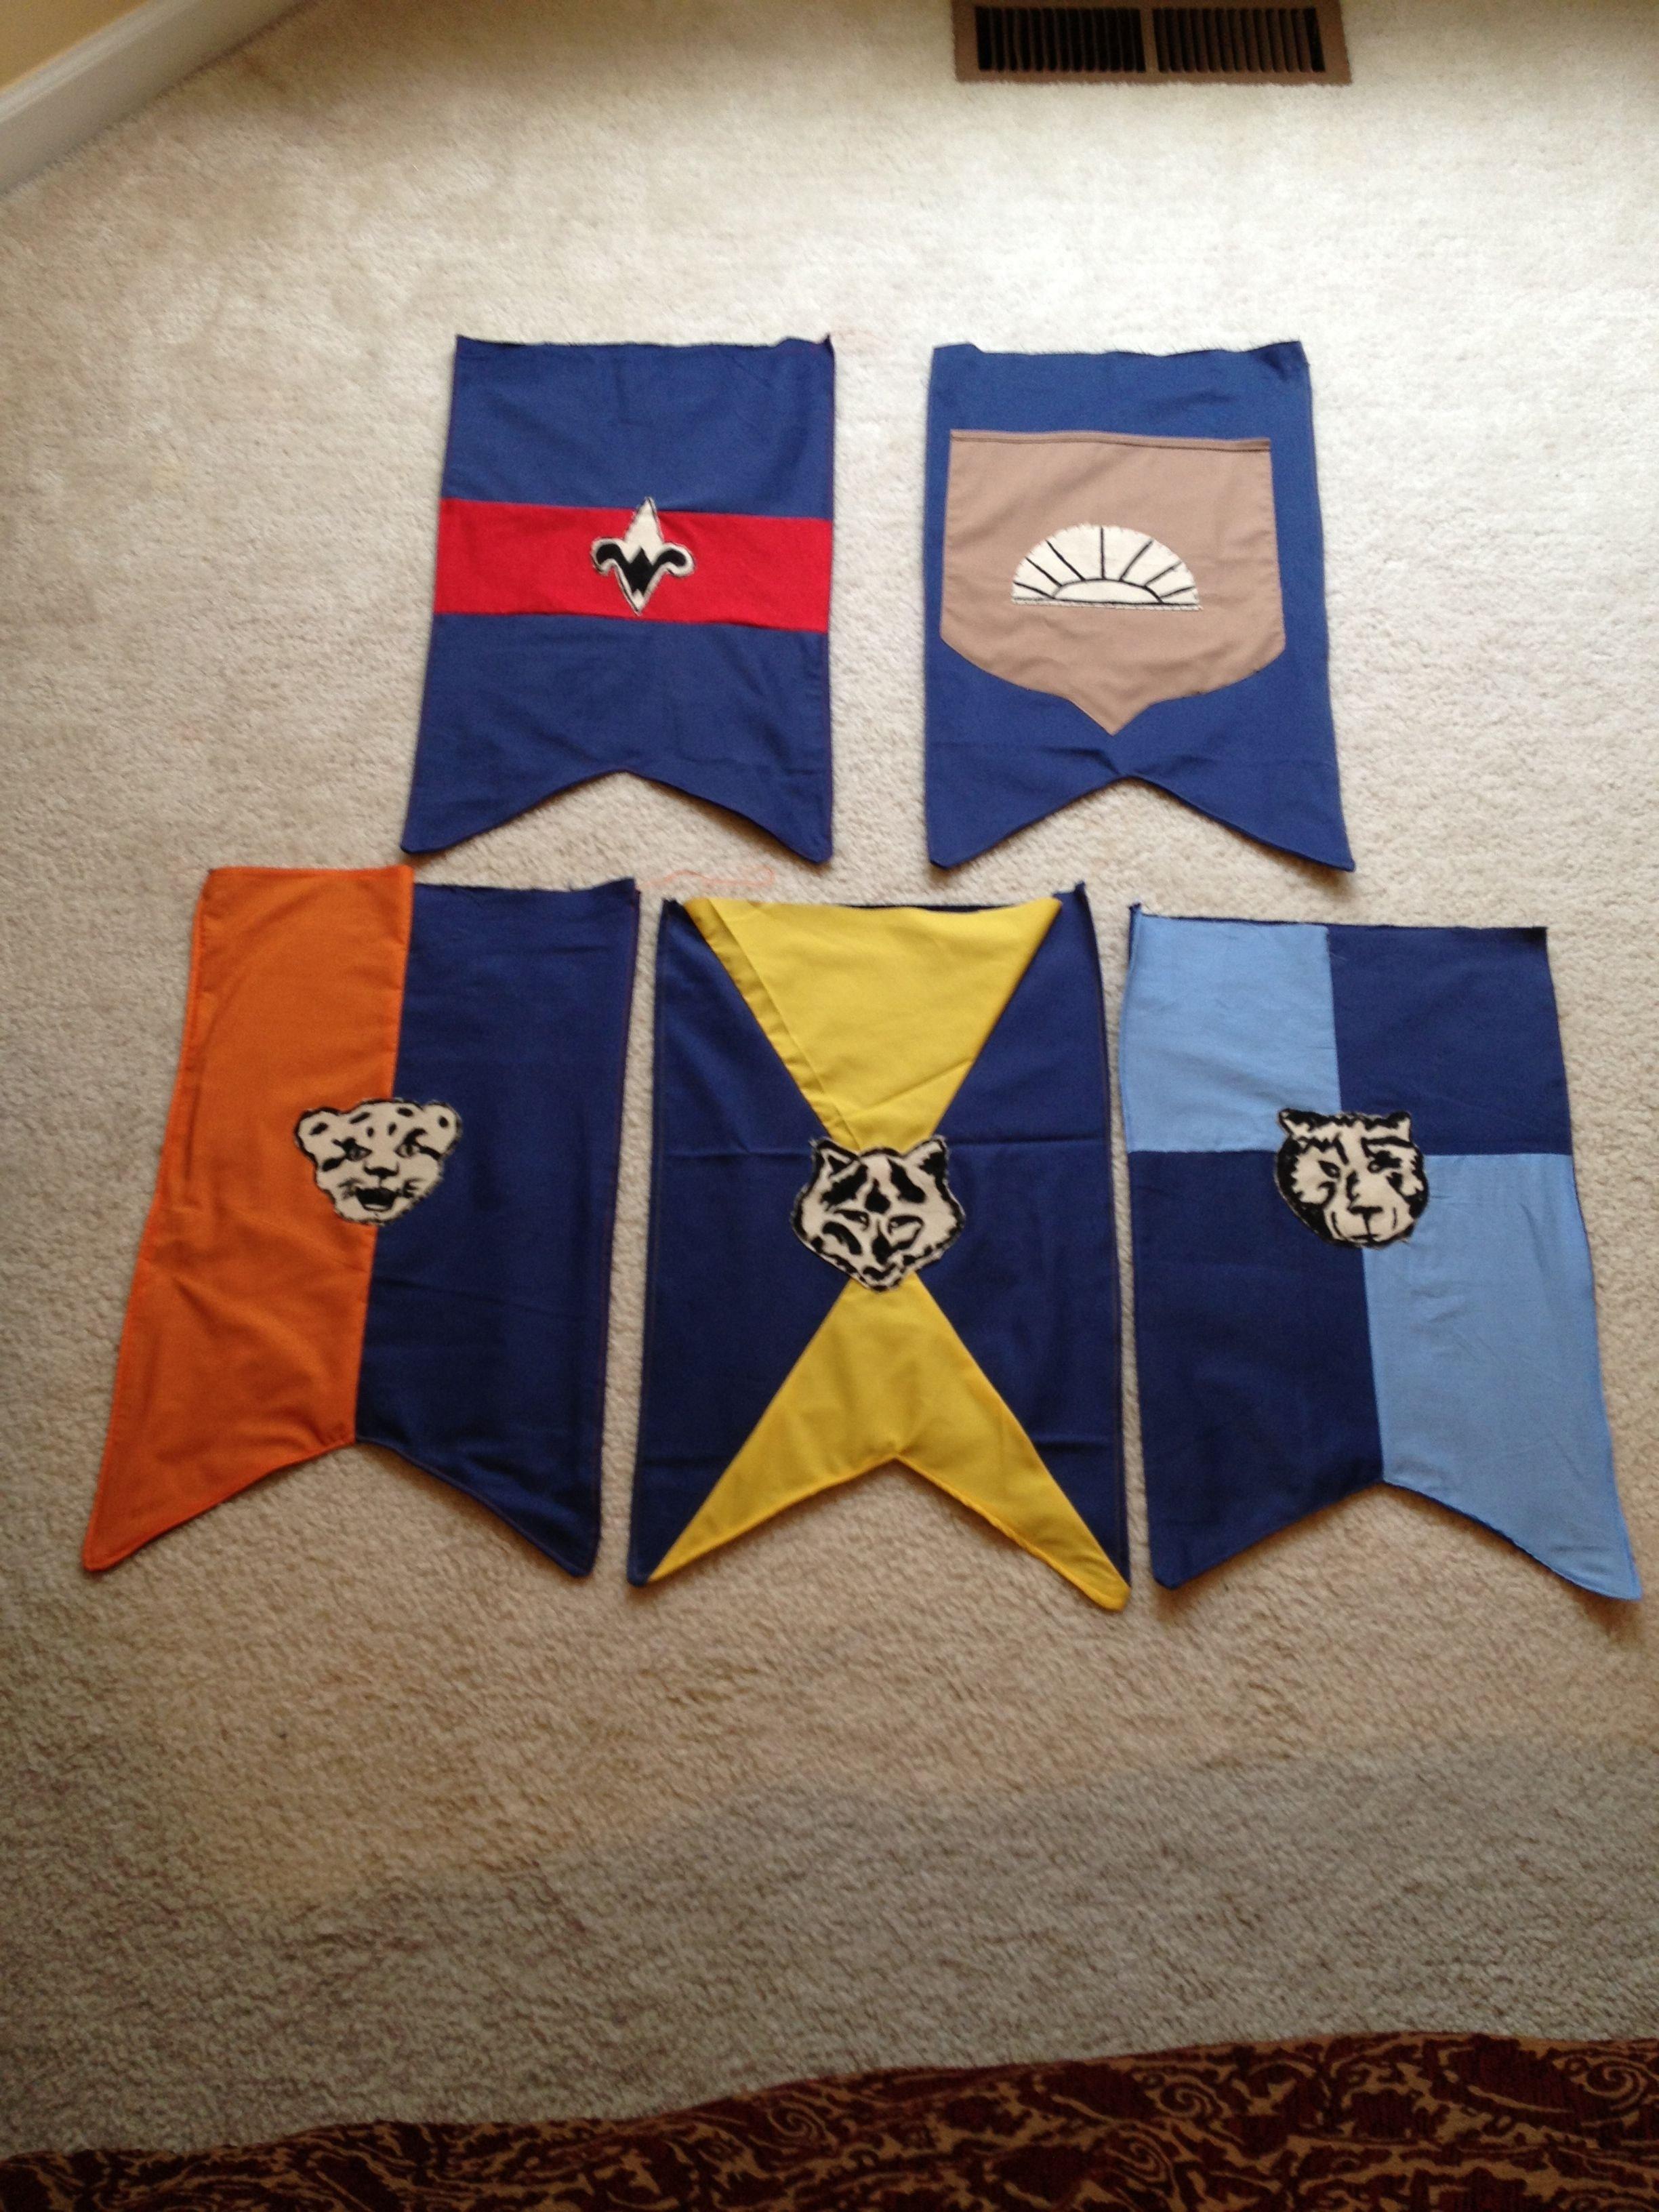 10 Pretty Cub Scout Den Flag Ideas cub scout den flags cub scout ideas pinterest cub scout den 2020